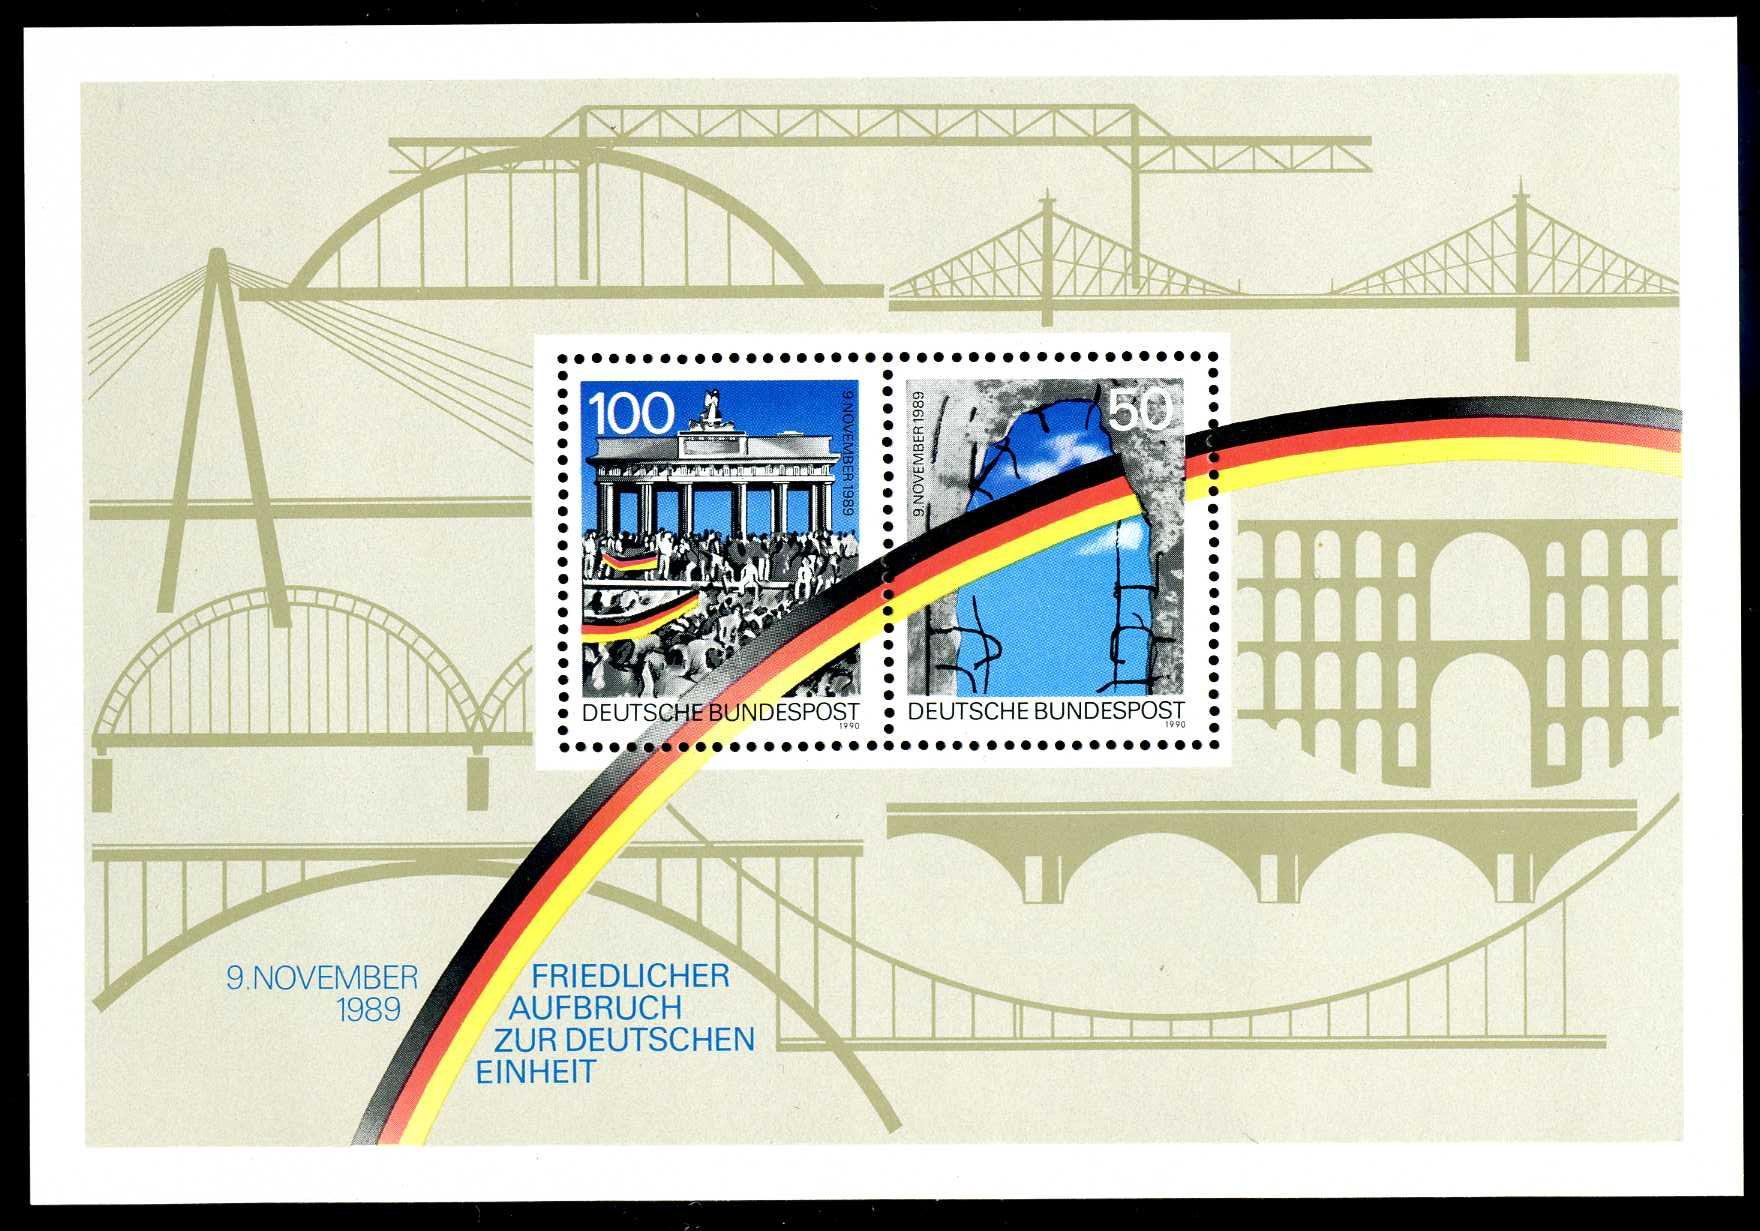 DE 186 1990 Deutsche Einheit.jpg